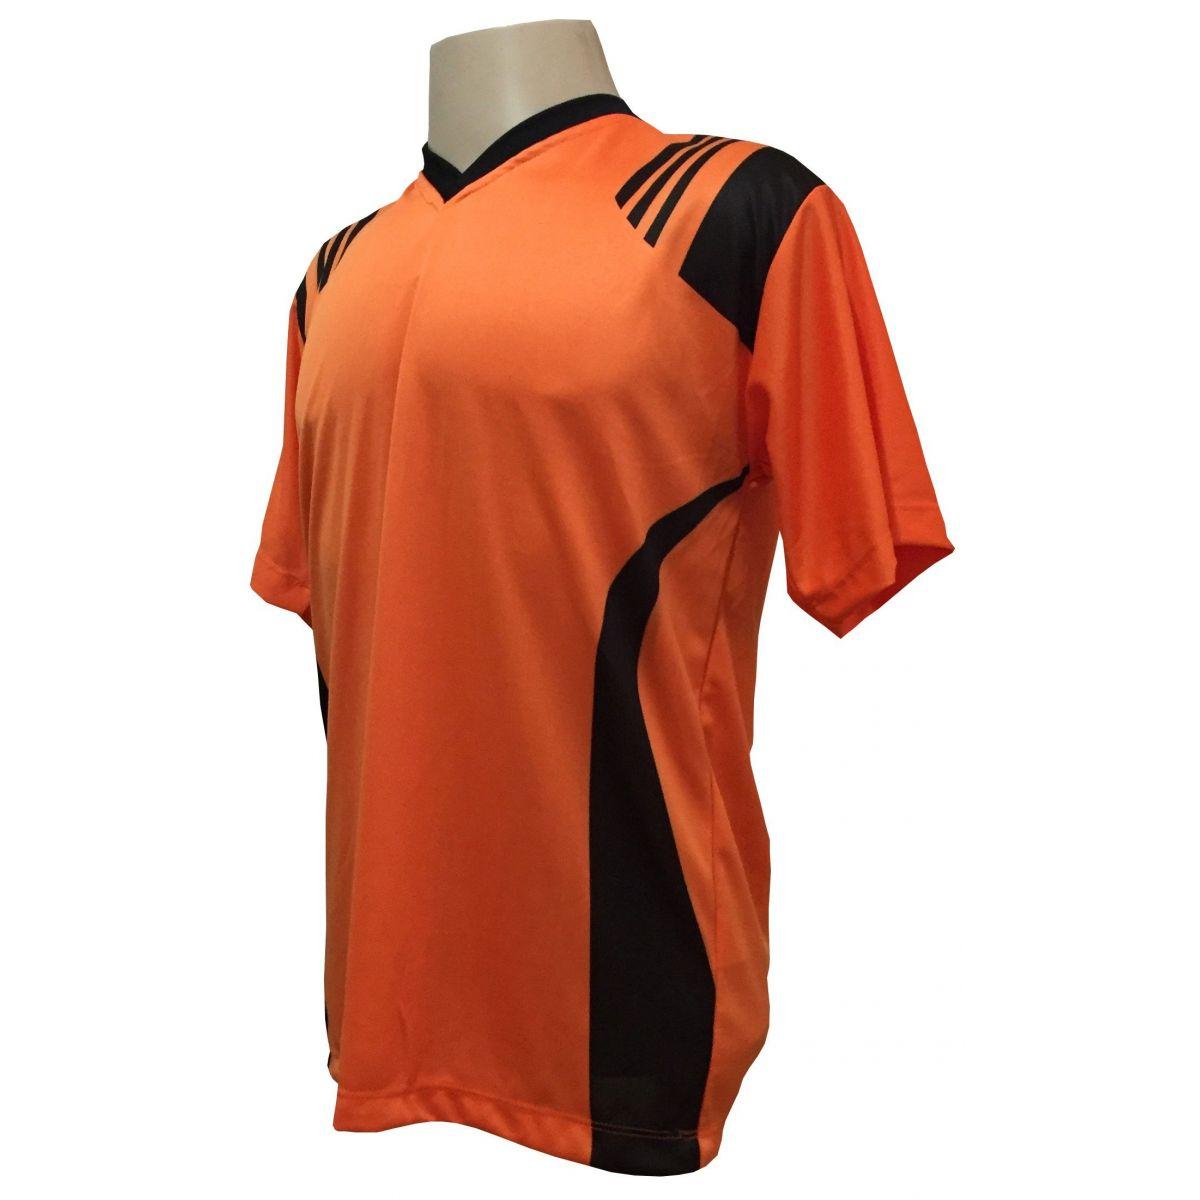 Uniforme Esportivo com 12 camisas modelo Roma Laranja/Preto + 12 calções modelo Madrid + 1 Goleiro + Brindes